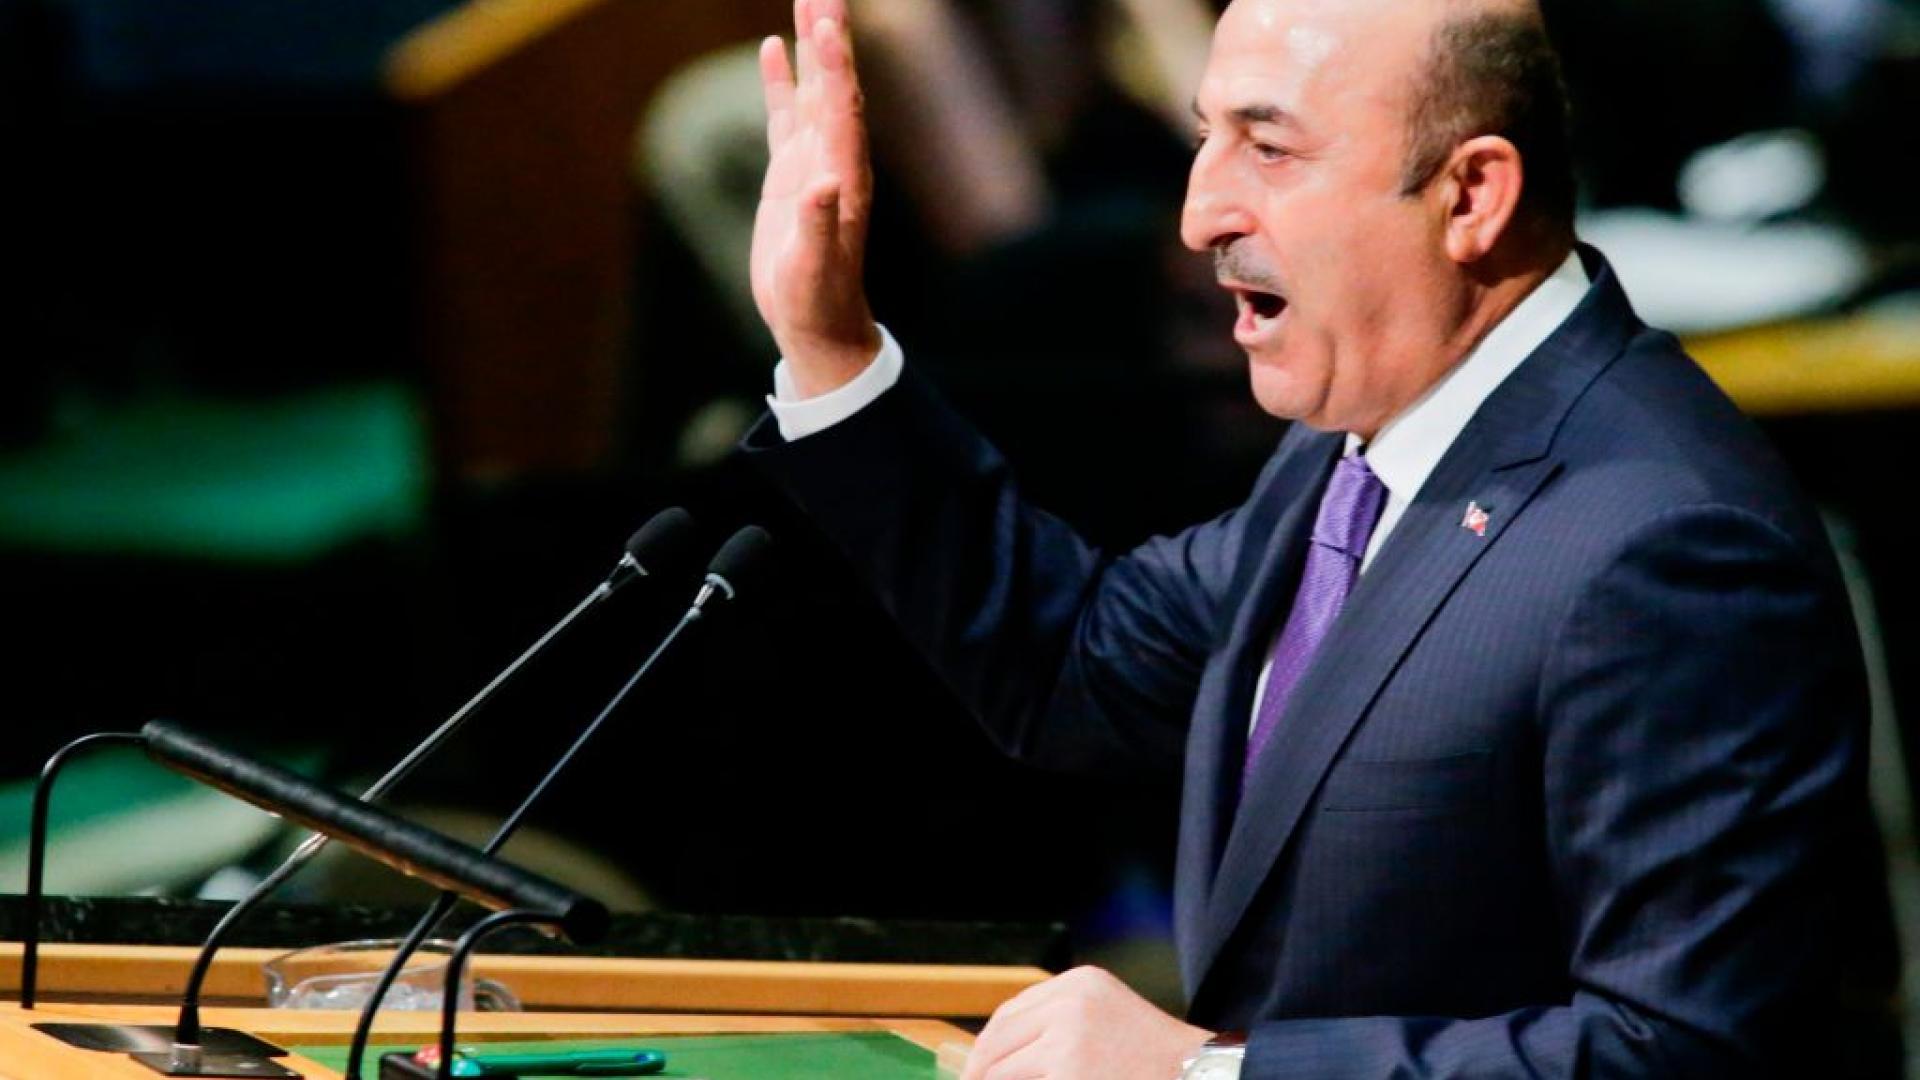 وزير خارجية تركيا يرد على تغريدة ترامب: بلادنا لا تهاب أي تهديد